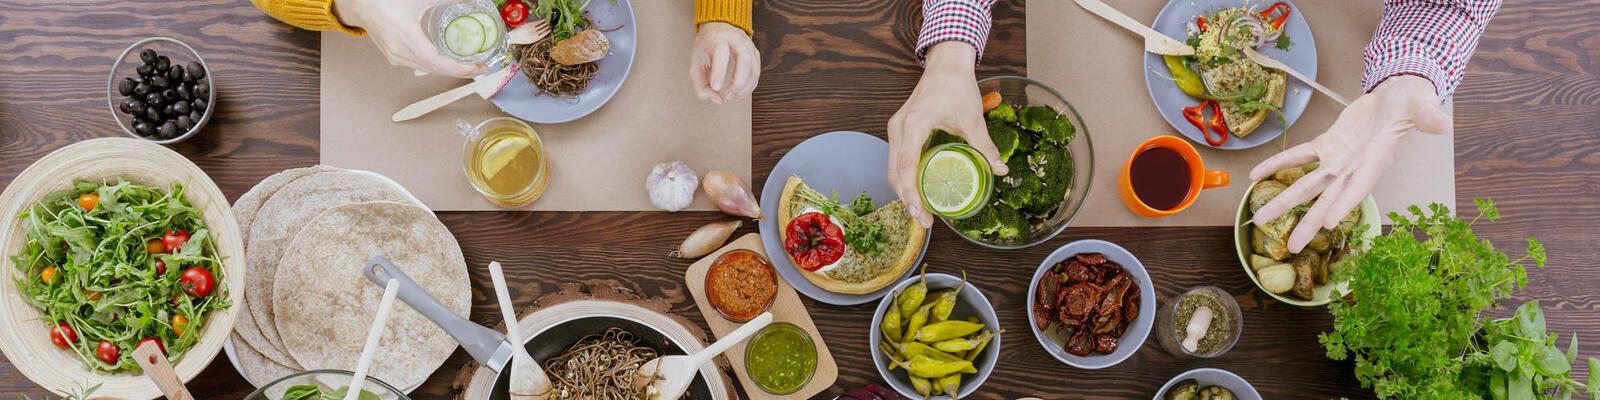 Vegetarisch tafelen